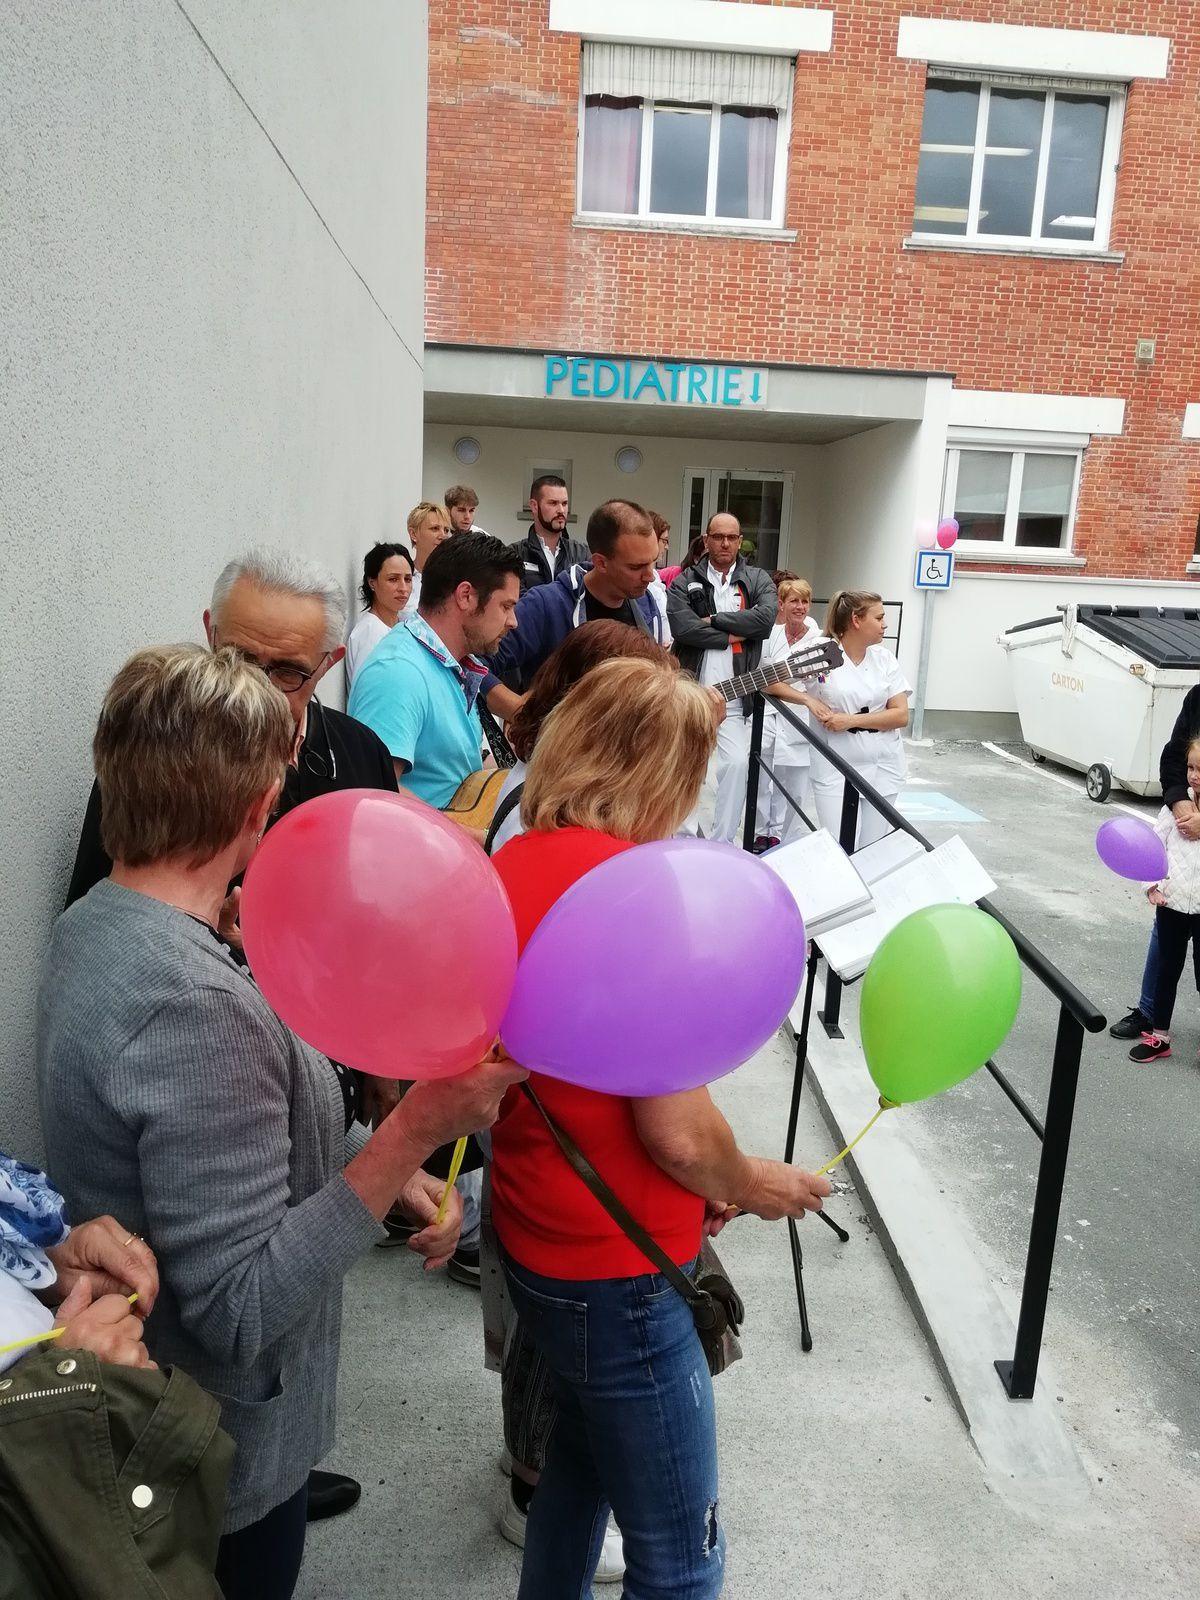 Hôpital : la marche des ballons